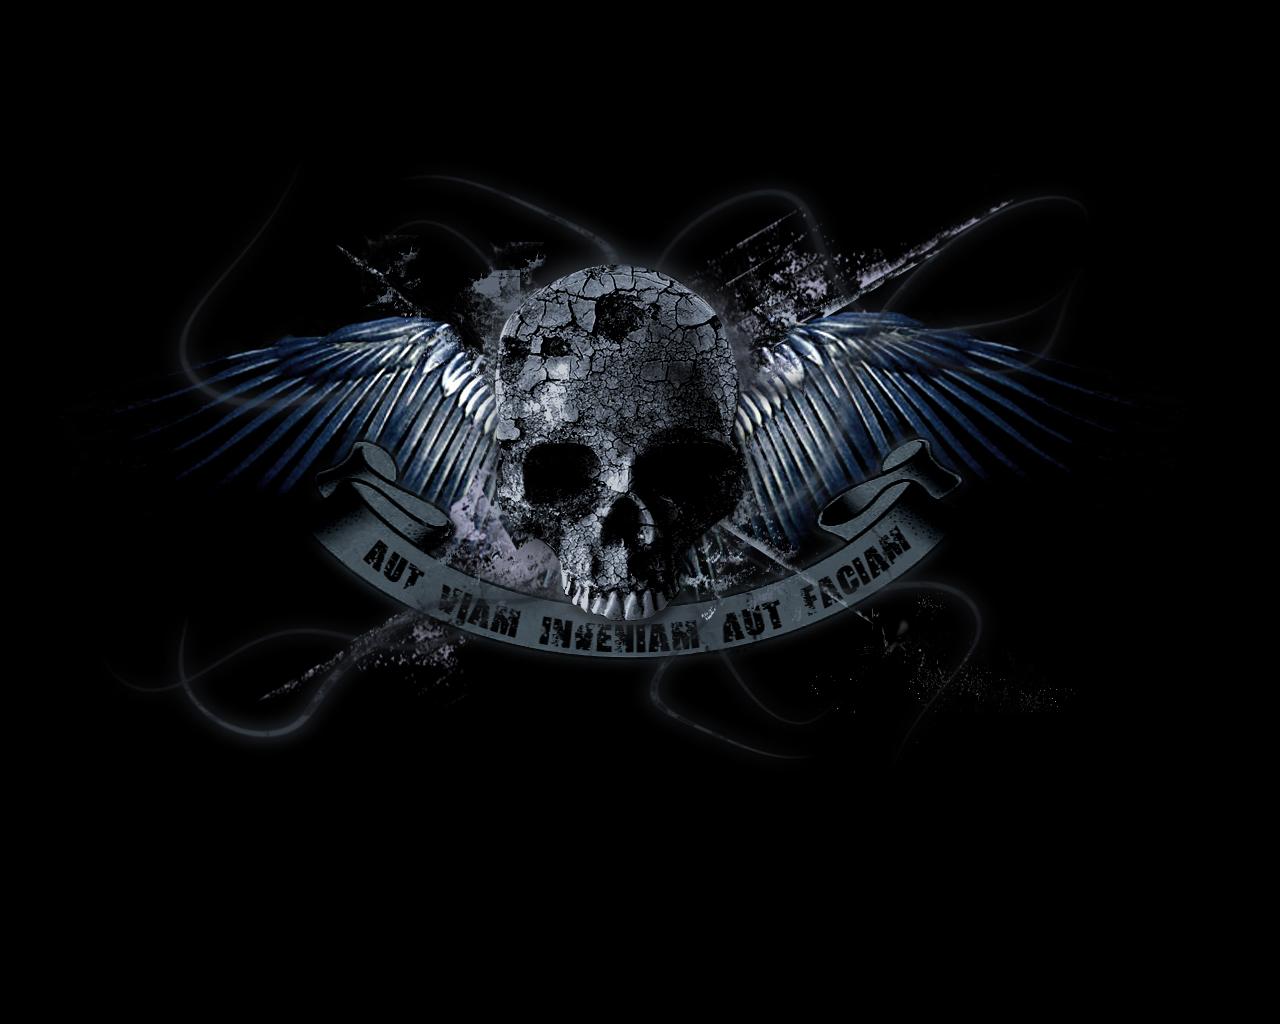 http://3.bp.blogspot.com/-hSke556XrtI/T9X1itUWQ4I/AAAAAAAAANY/4IB2ZwpgTCI/s1600/skull-wallpaper-desktop-2.jpeg